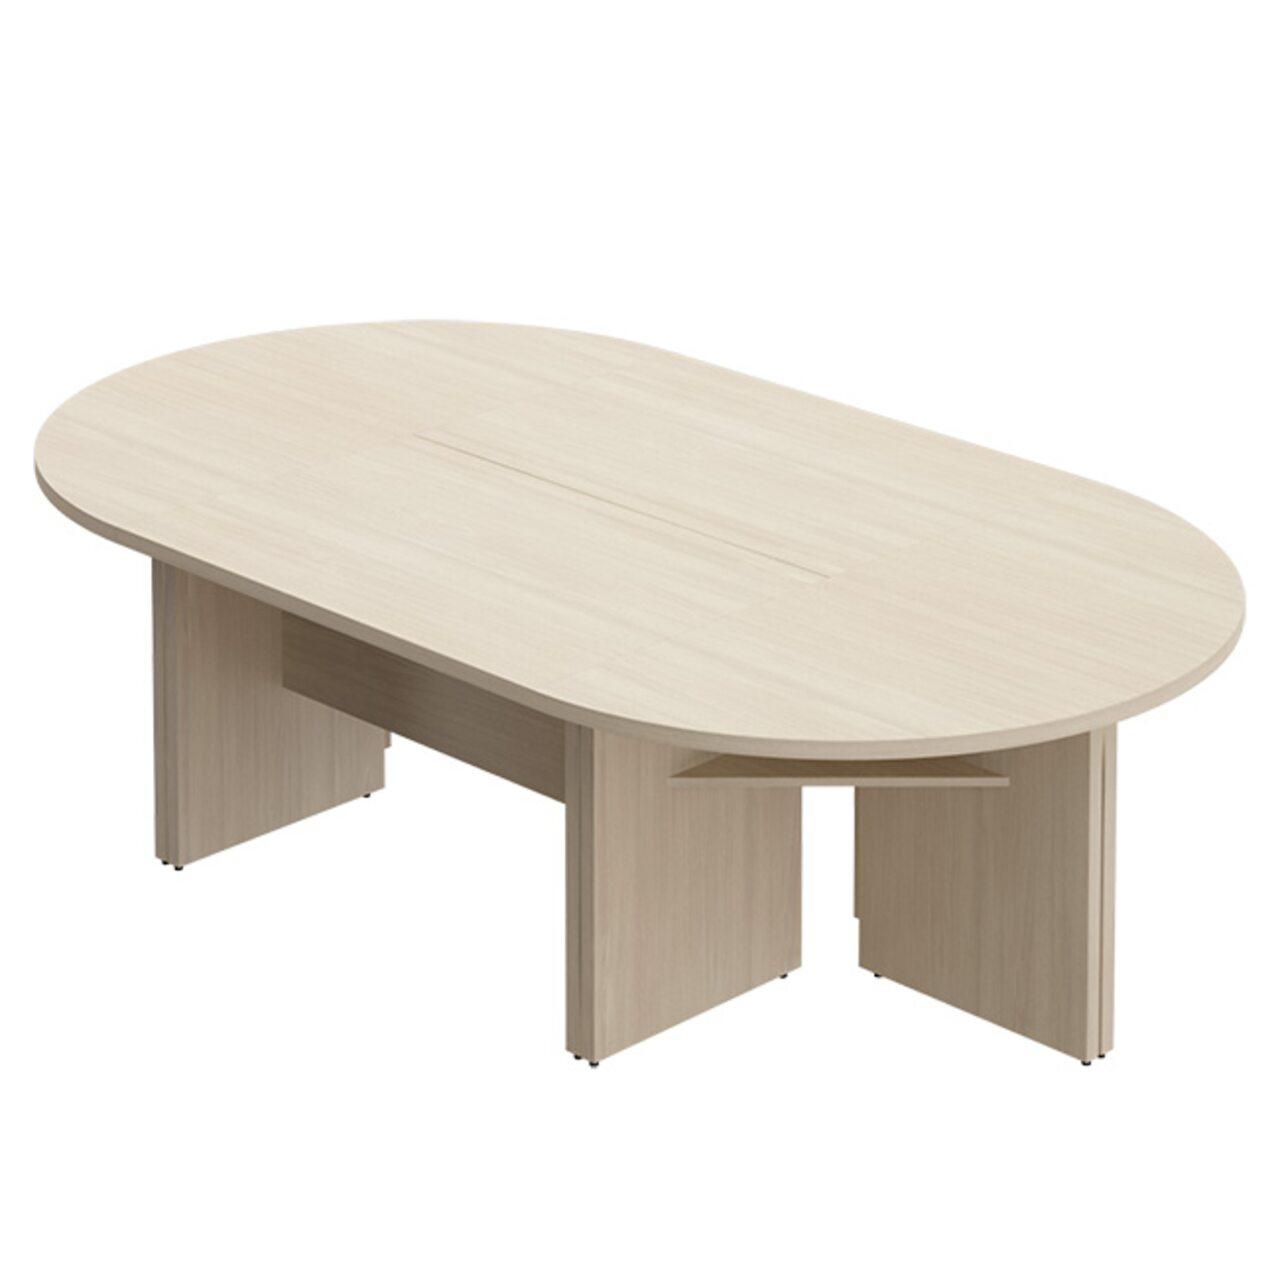 Стол переговорный составной БОРН LT 280x160x75 - фото 1